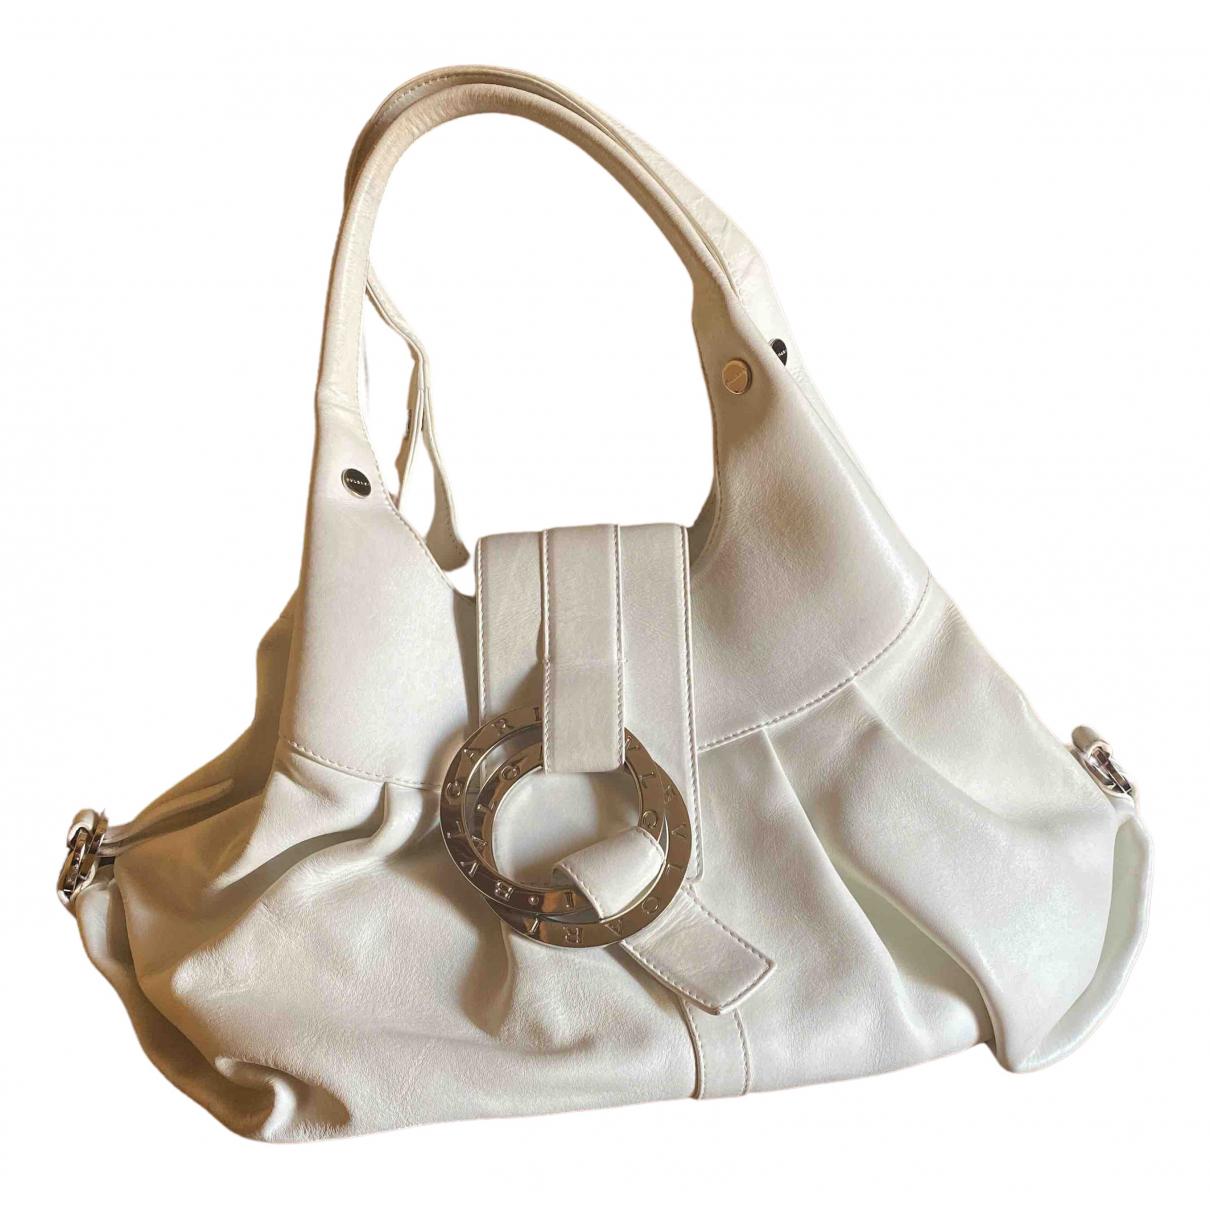 Bvlgari - Sac a main   pour femme en cuir - blanc